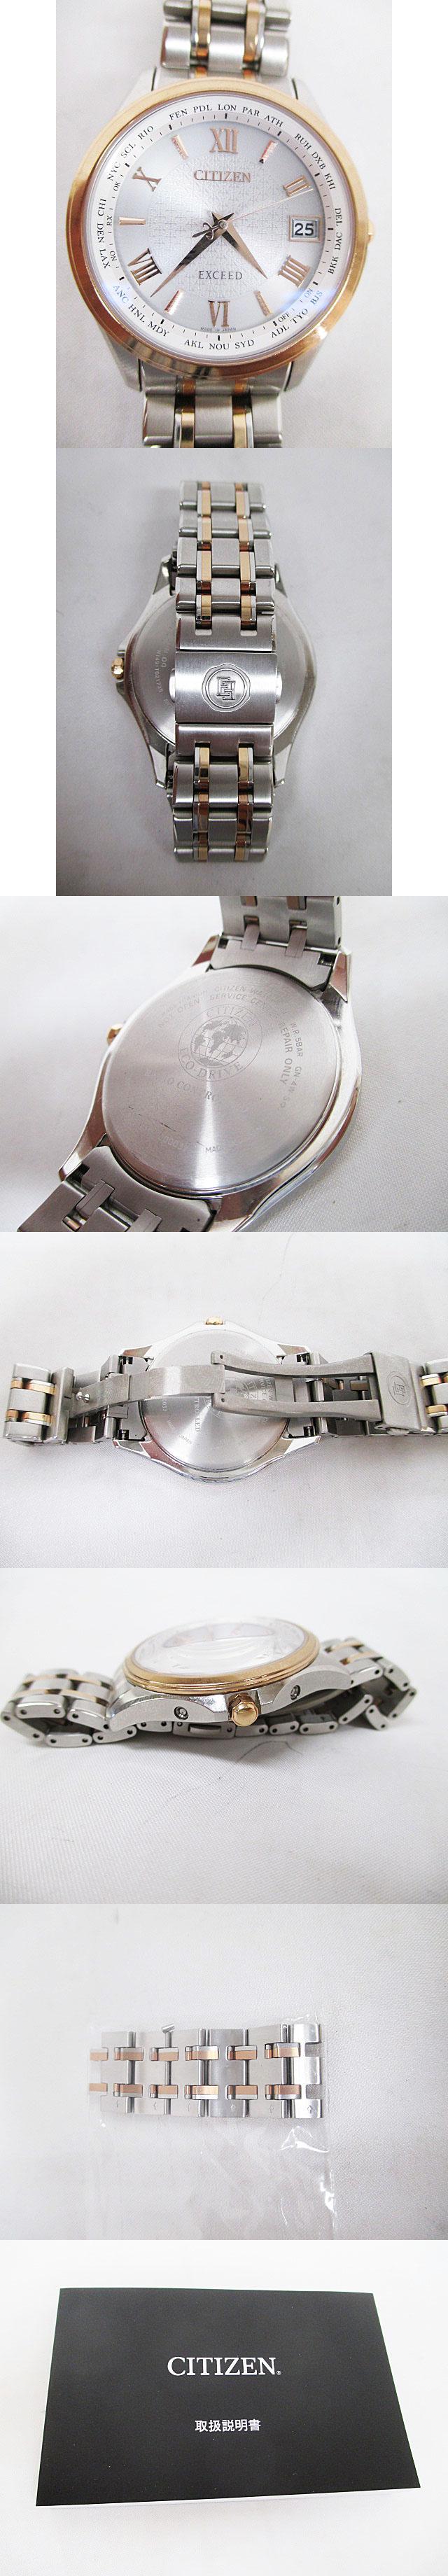 腕時計 エクシード 美品 クオーツ H149-T021735 エコドライブ 電波 チタン D6747